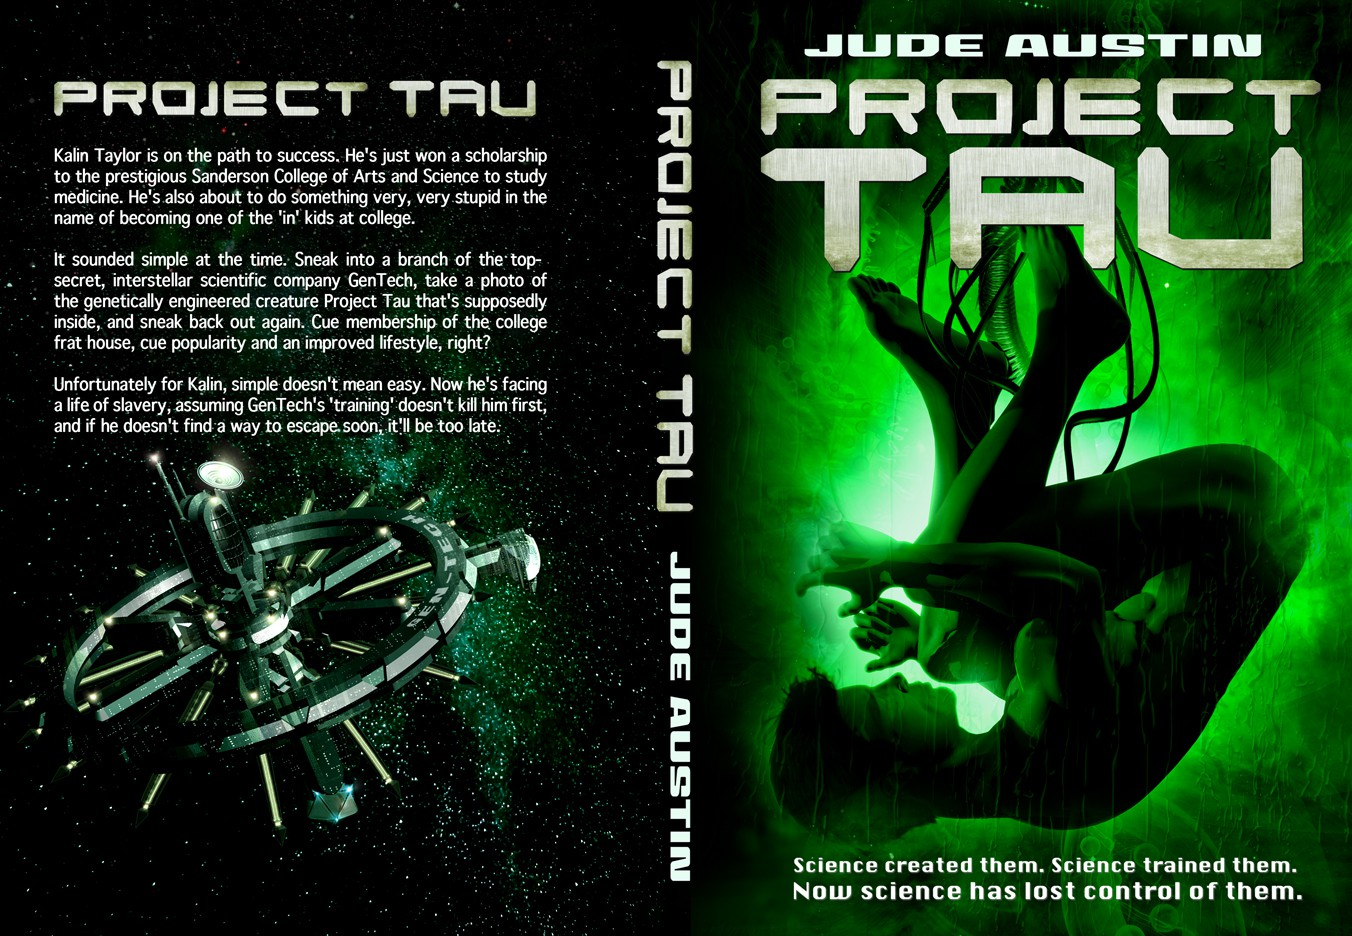 Cover for sci-fi ebook set in a scientific facility